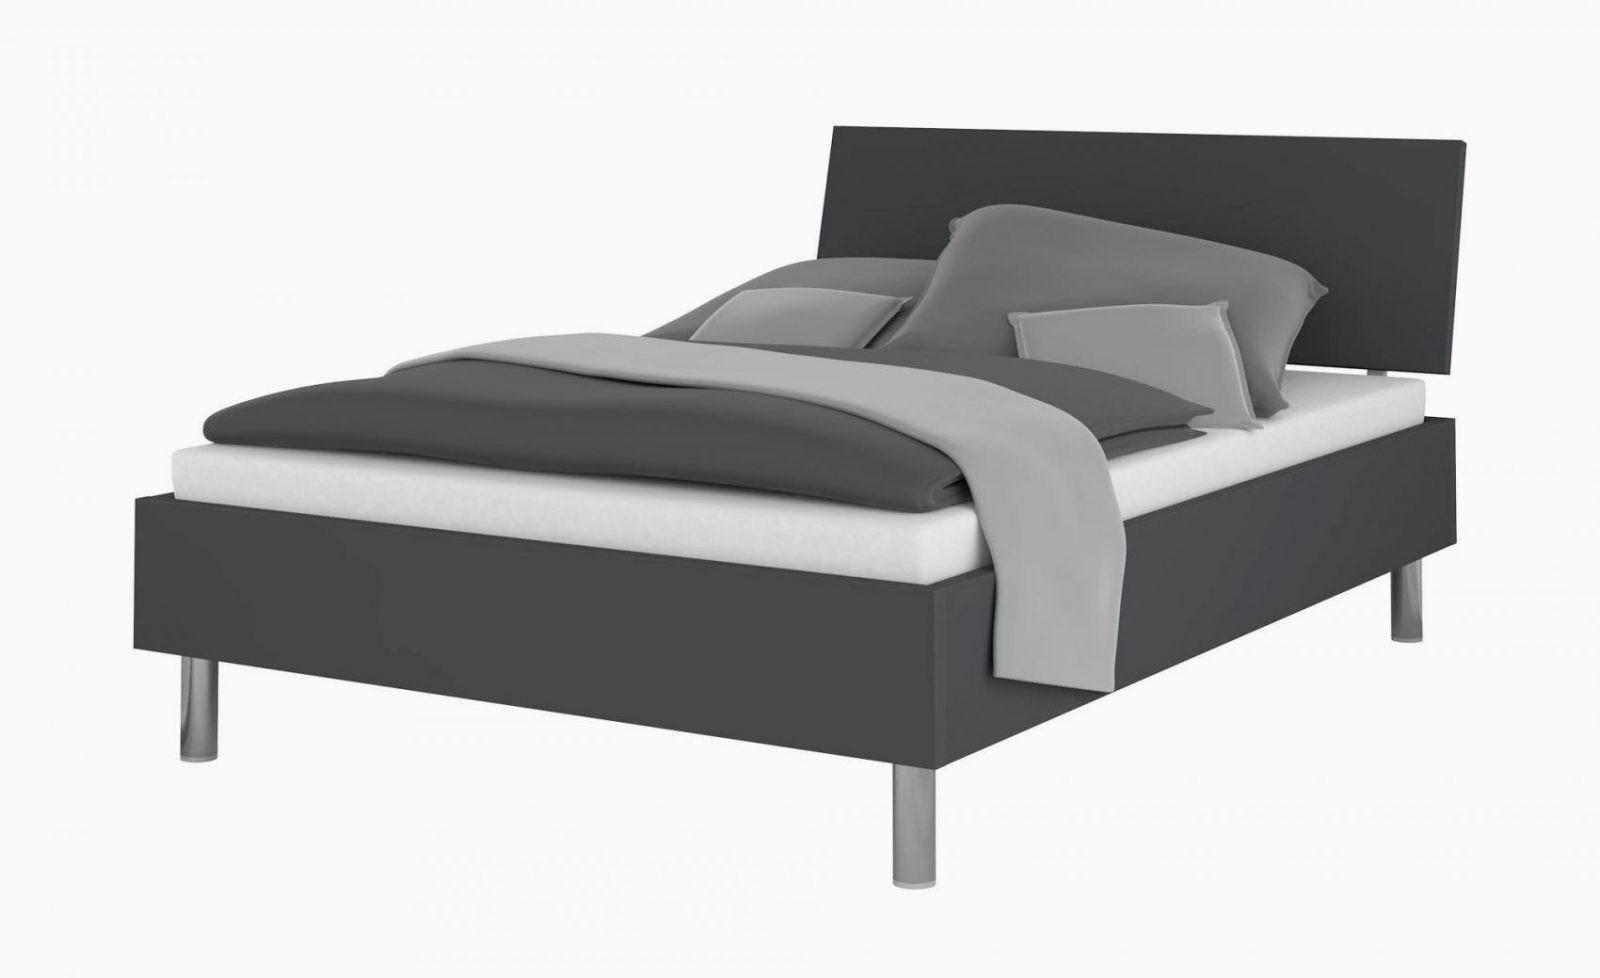 Hochbett 120X200 Super Bett Matratze 180—200 Mehr 51 Erstaunlich von Komplett Bett 120X200 Photo